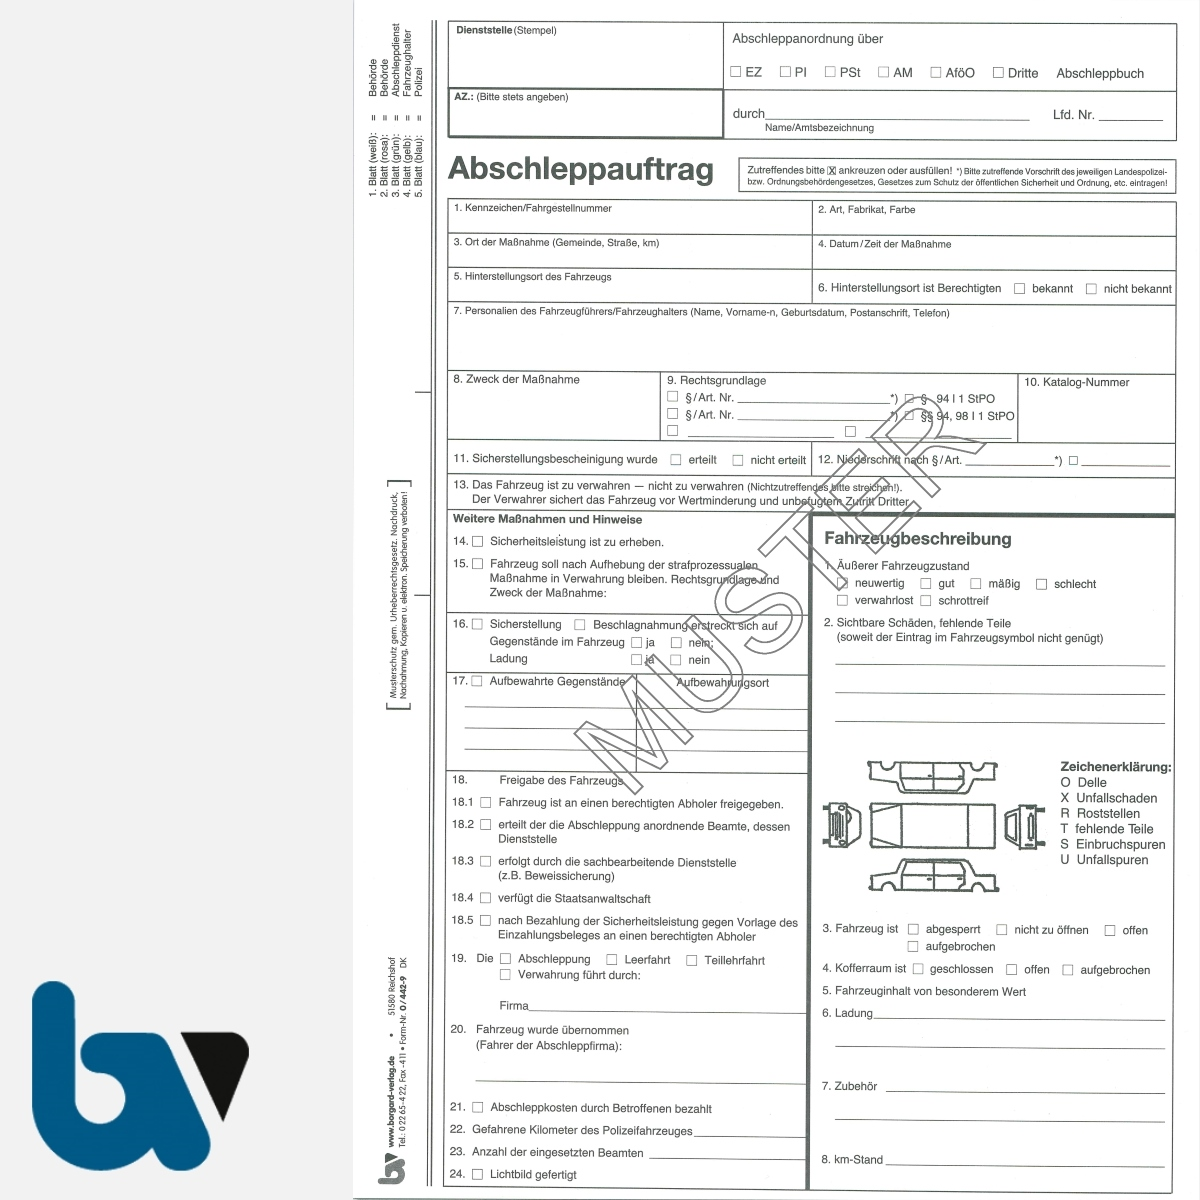 0/442-9 Abschleppauftrag Anordnung Sicherstellung Fahrzeugbeschreibung DIN A4 5-fach | Borgard Verlag GmbH